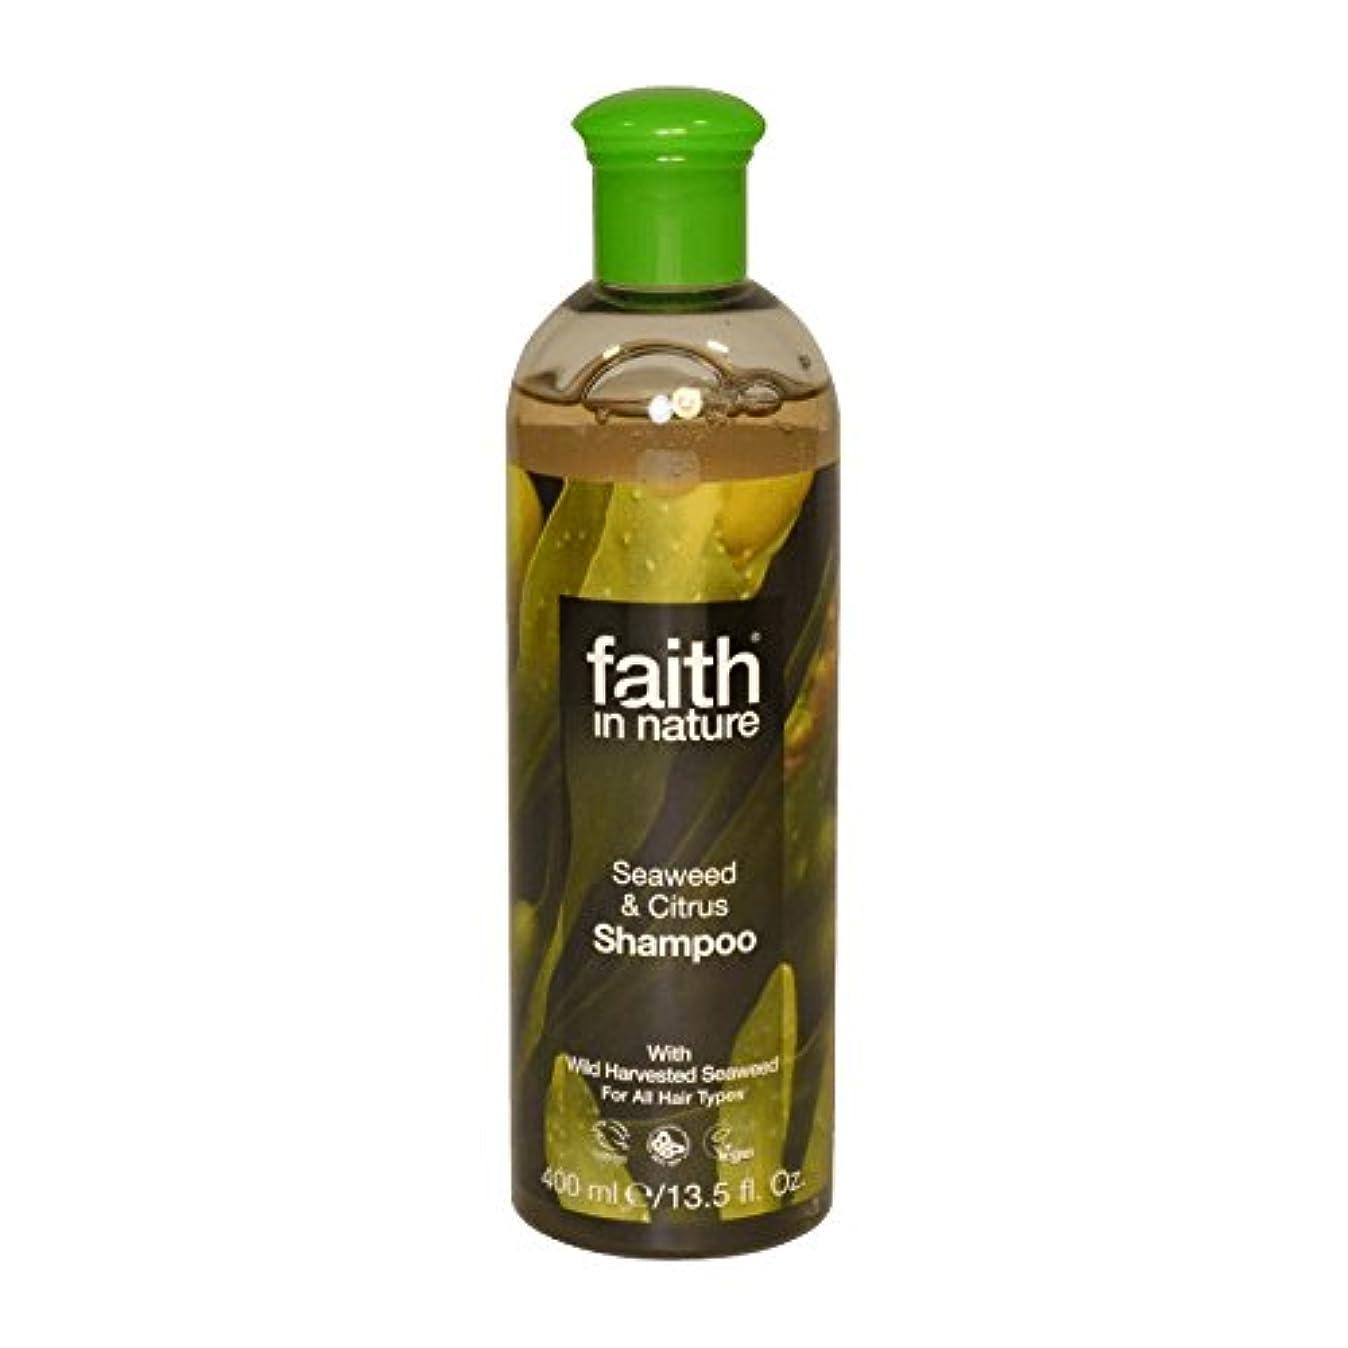 によるとオリエントうぬぼれ自然の海藻&シトラスシャンプー400ミリリットルの信仰 - Faith in Nature Seaweed & Citrus Shampoo 400ml (Faith in Nature) [並行輸入品]